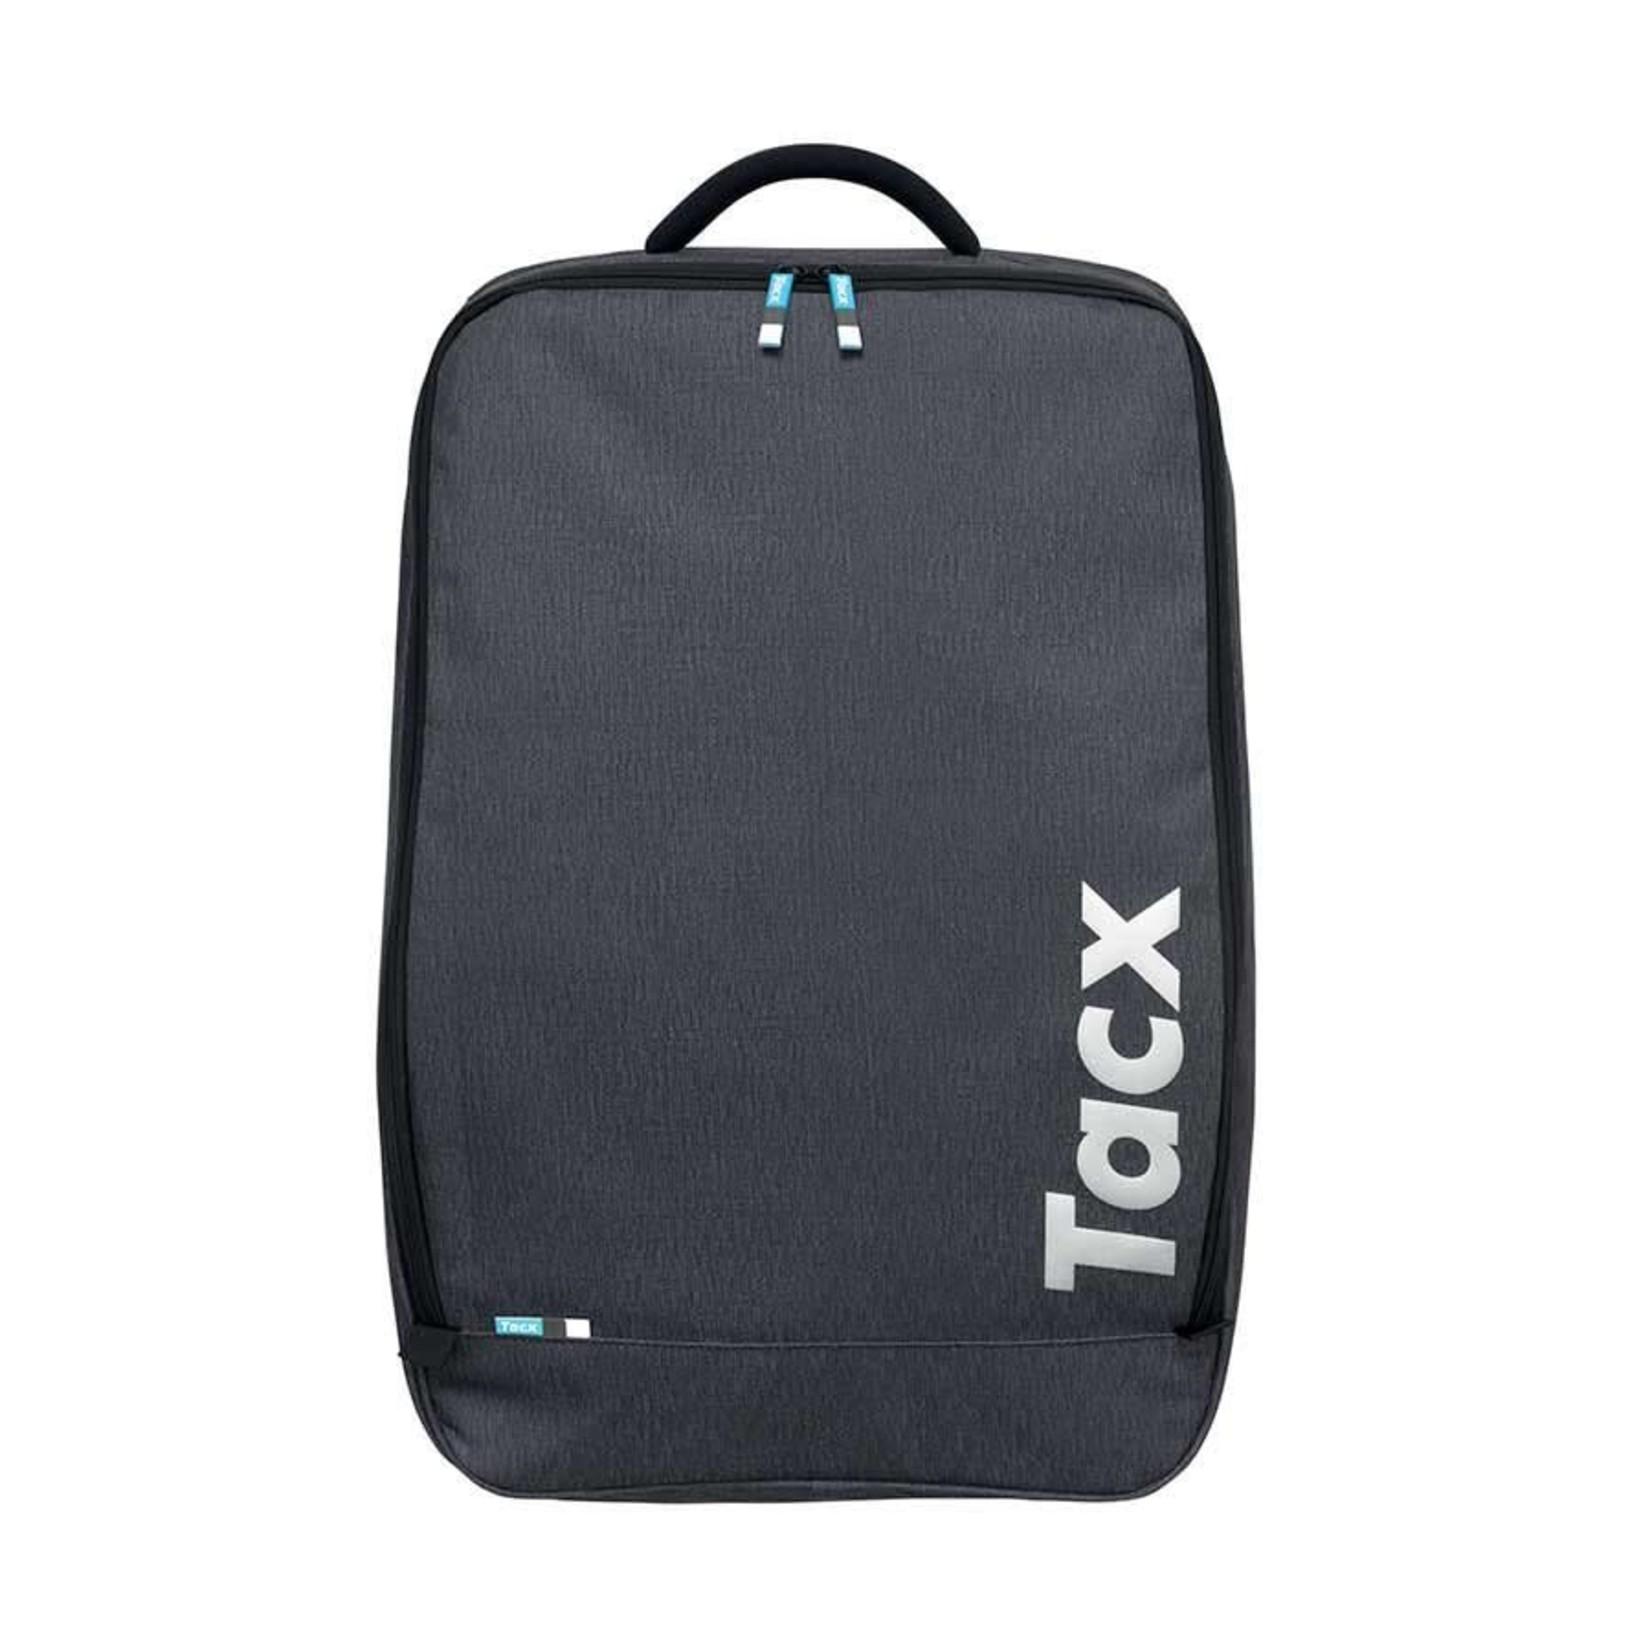 Tacx Tacx, Sac de Transport